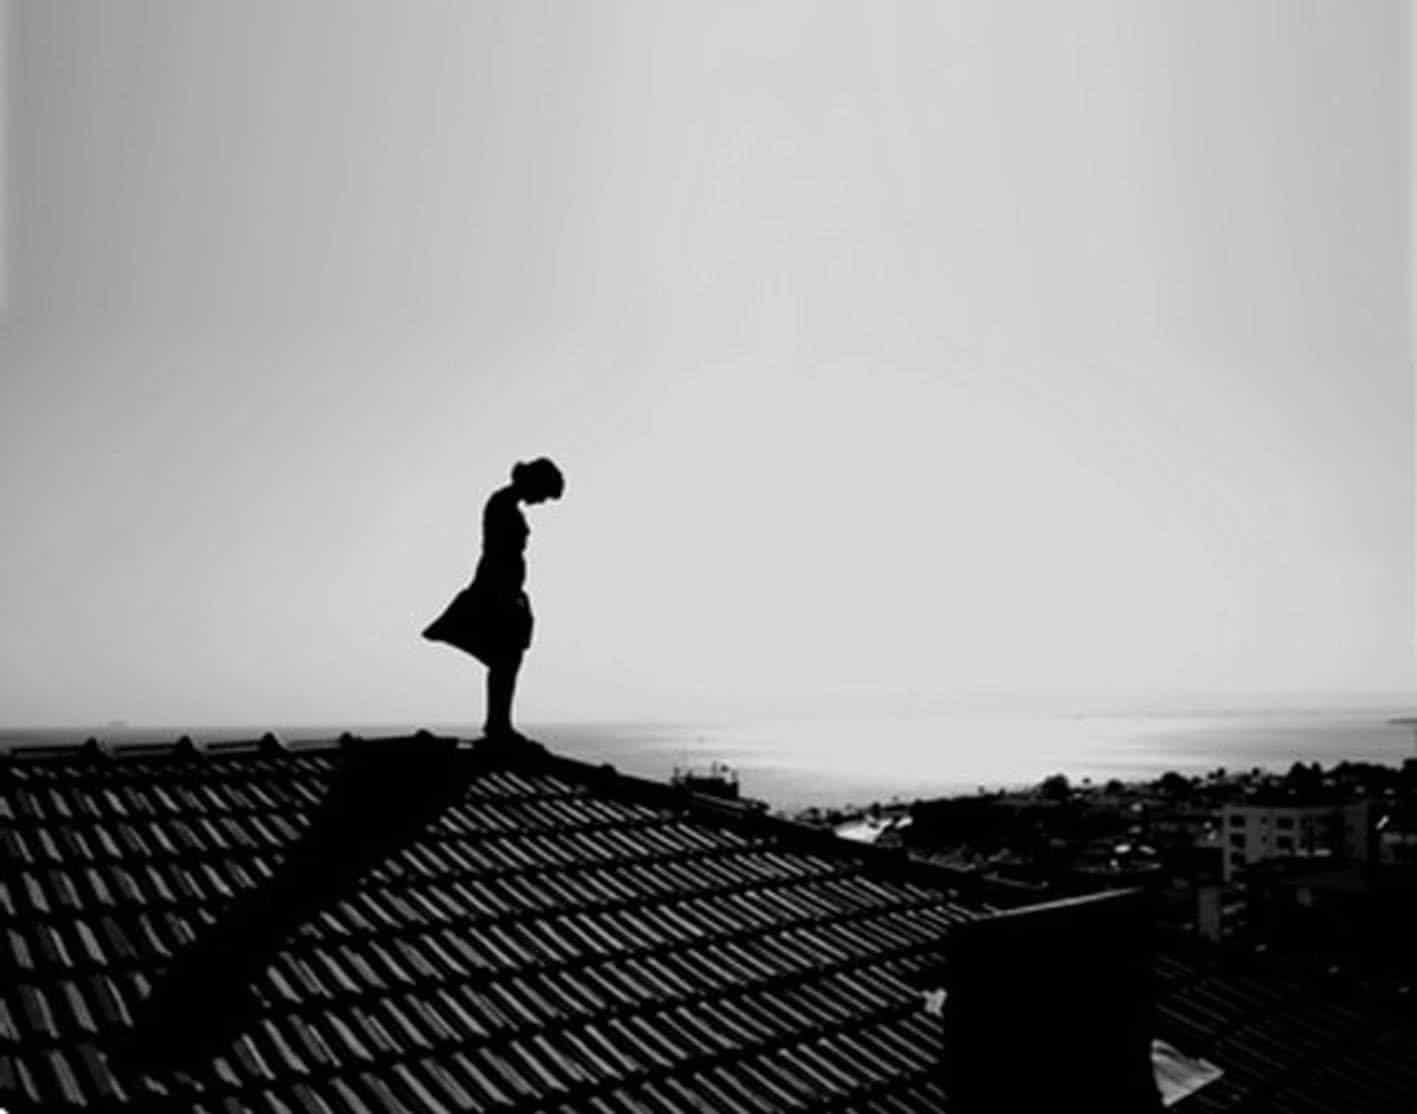 Hình cô gái buồn đứng trên mái nhà